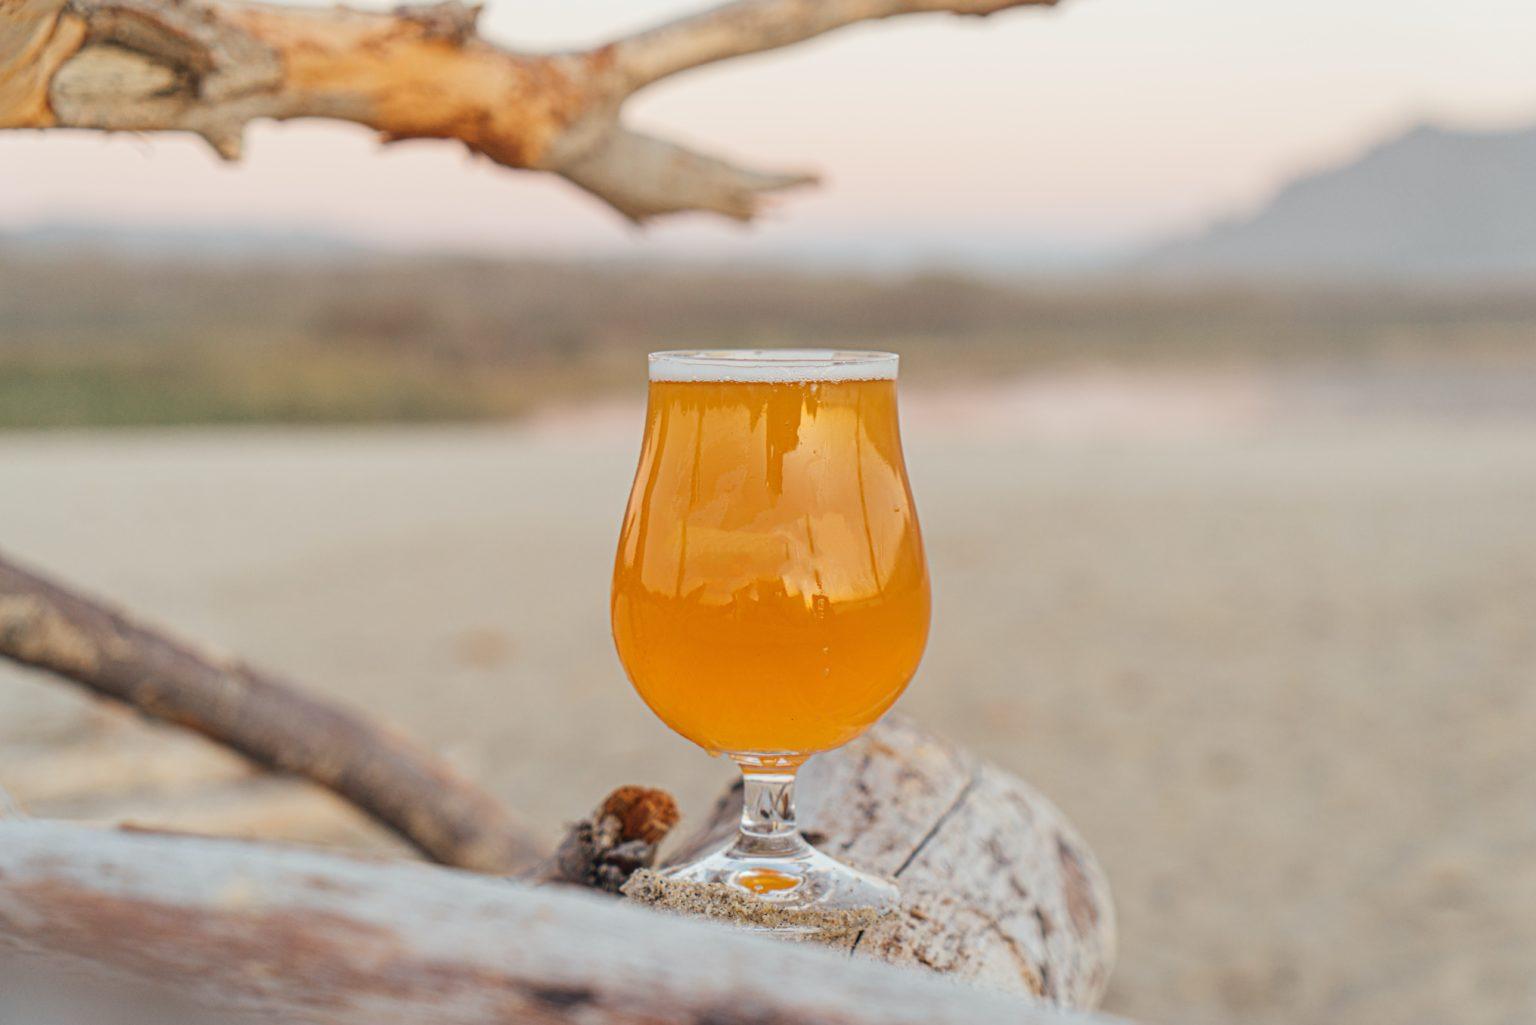 バーテンダーおすすめのおしゃれなビールグラス7選【クラフトビールを楽しもう】